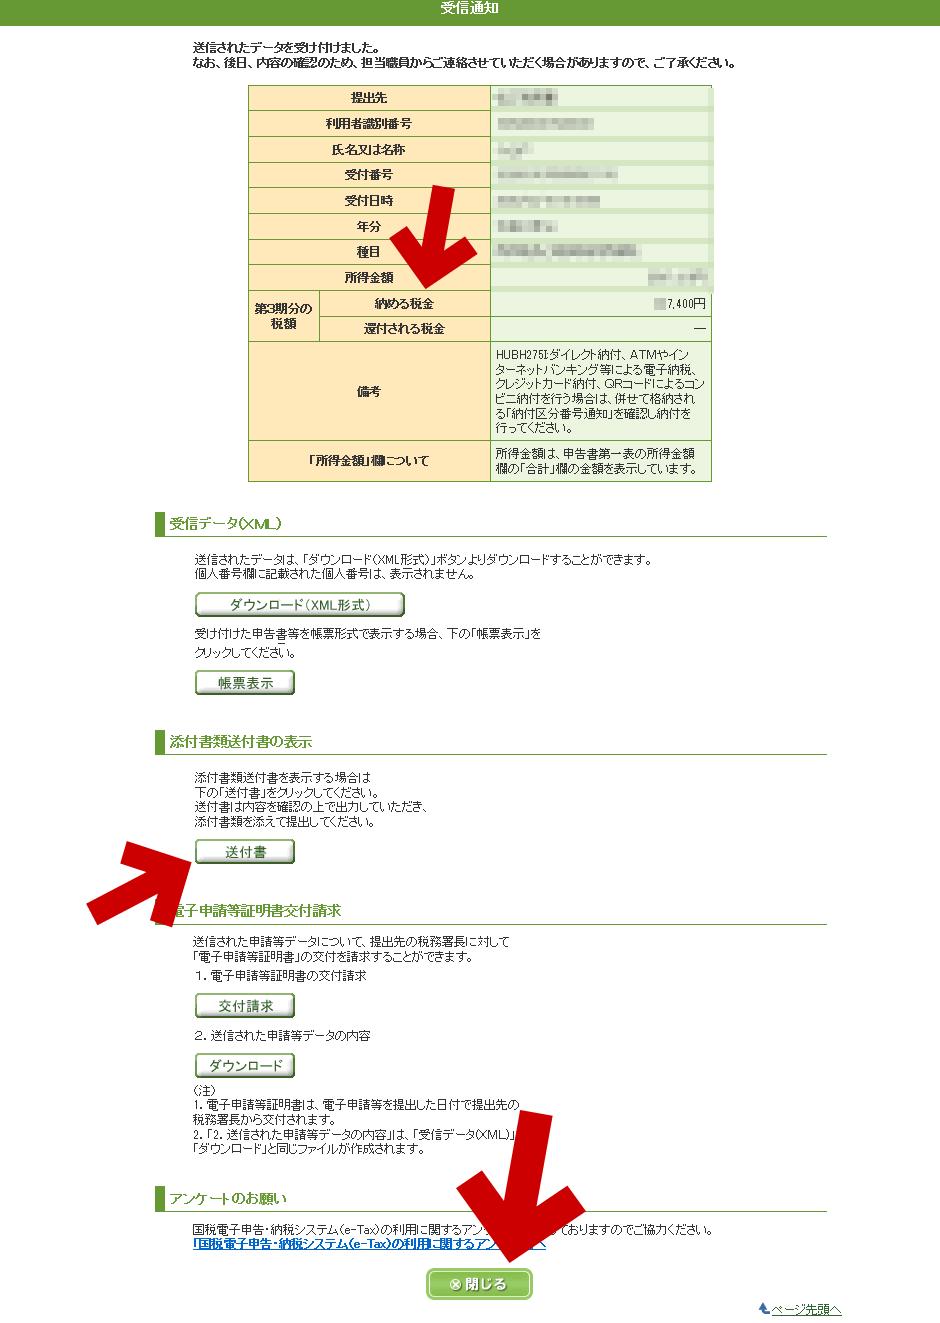 e-Tax を使った申告完了。最終チェック